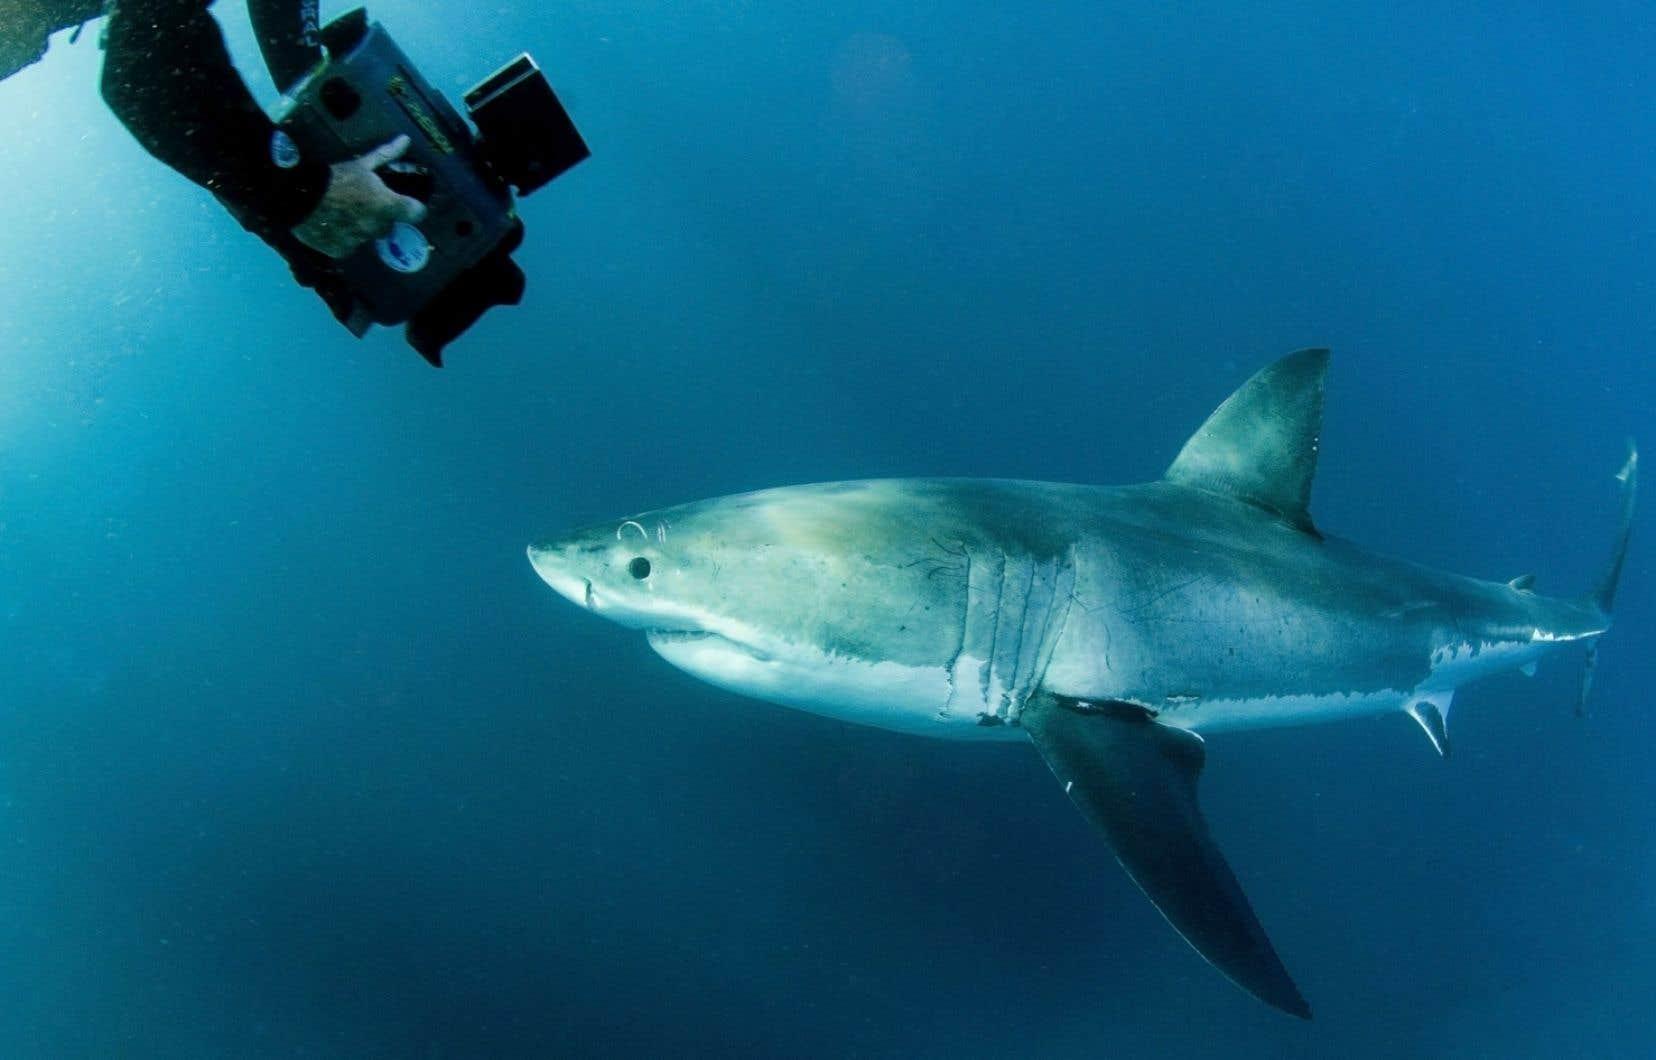 Les requins sont utilisés par l'humain dans l'alimentation, la maroquinerie, le tourisme, les cosmétiques et sont parfois maintenus en captivité. Pourtant, les requins sont considérés comme indispensables à leur écosystème.